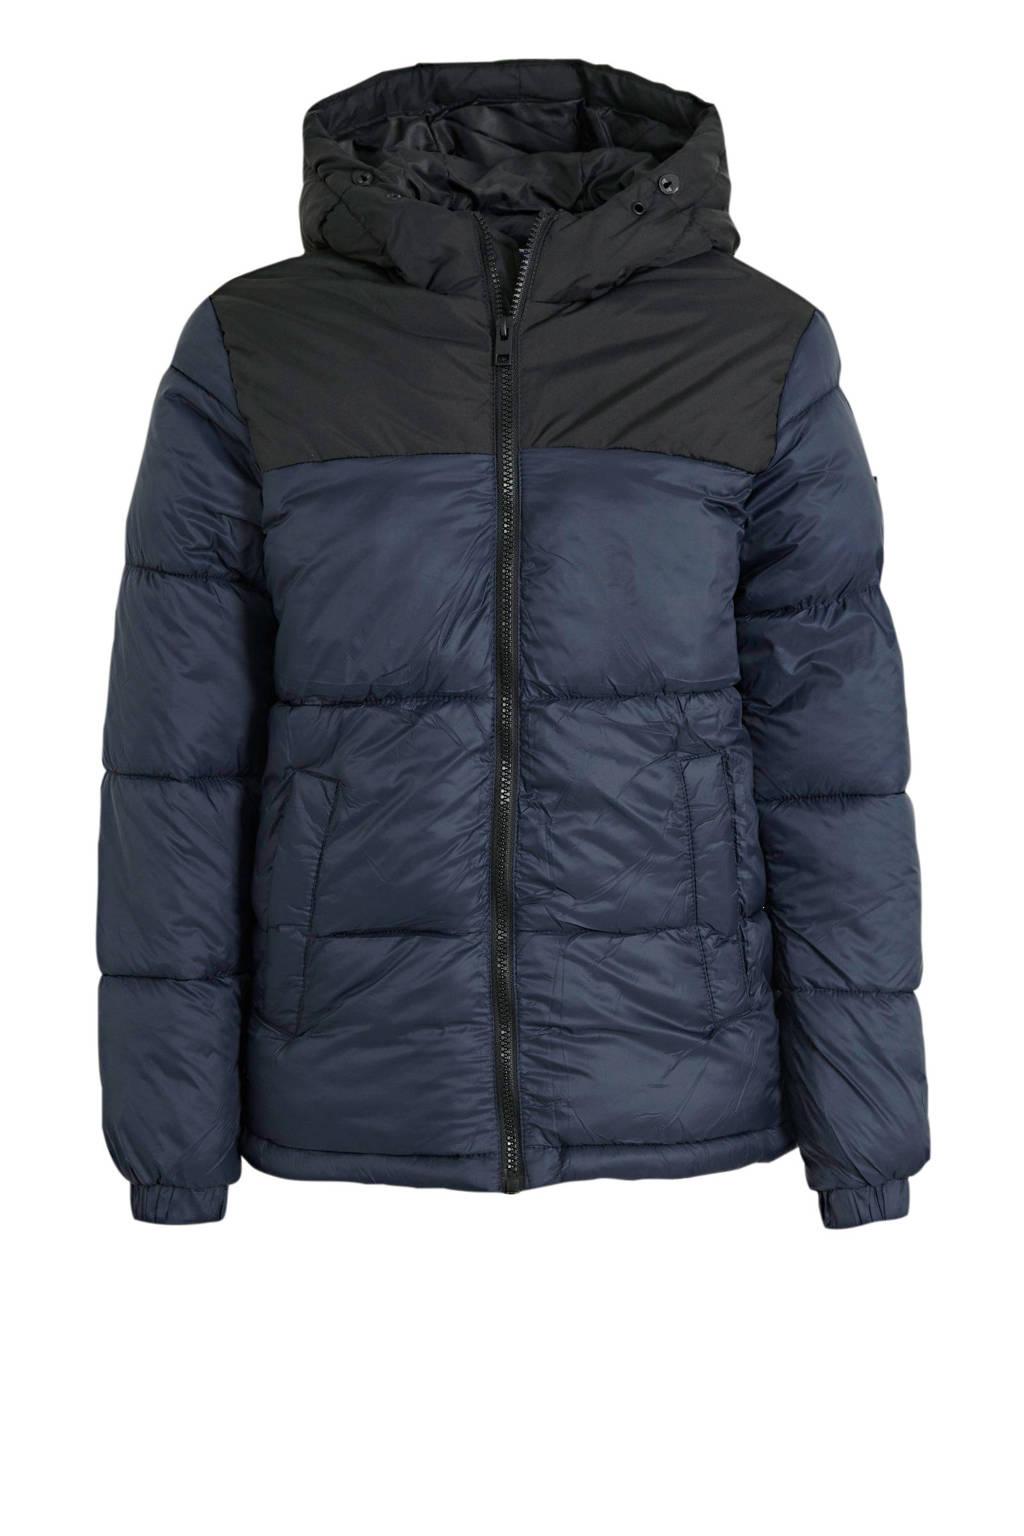 JACK & JONES JUNIOR gewatteerde winterjas Drew zwart, Donkerblauw